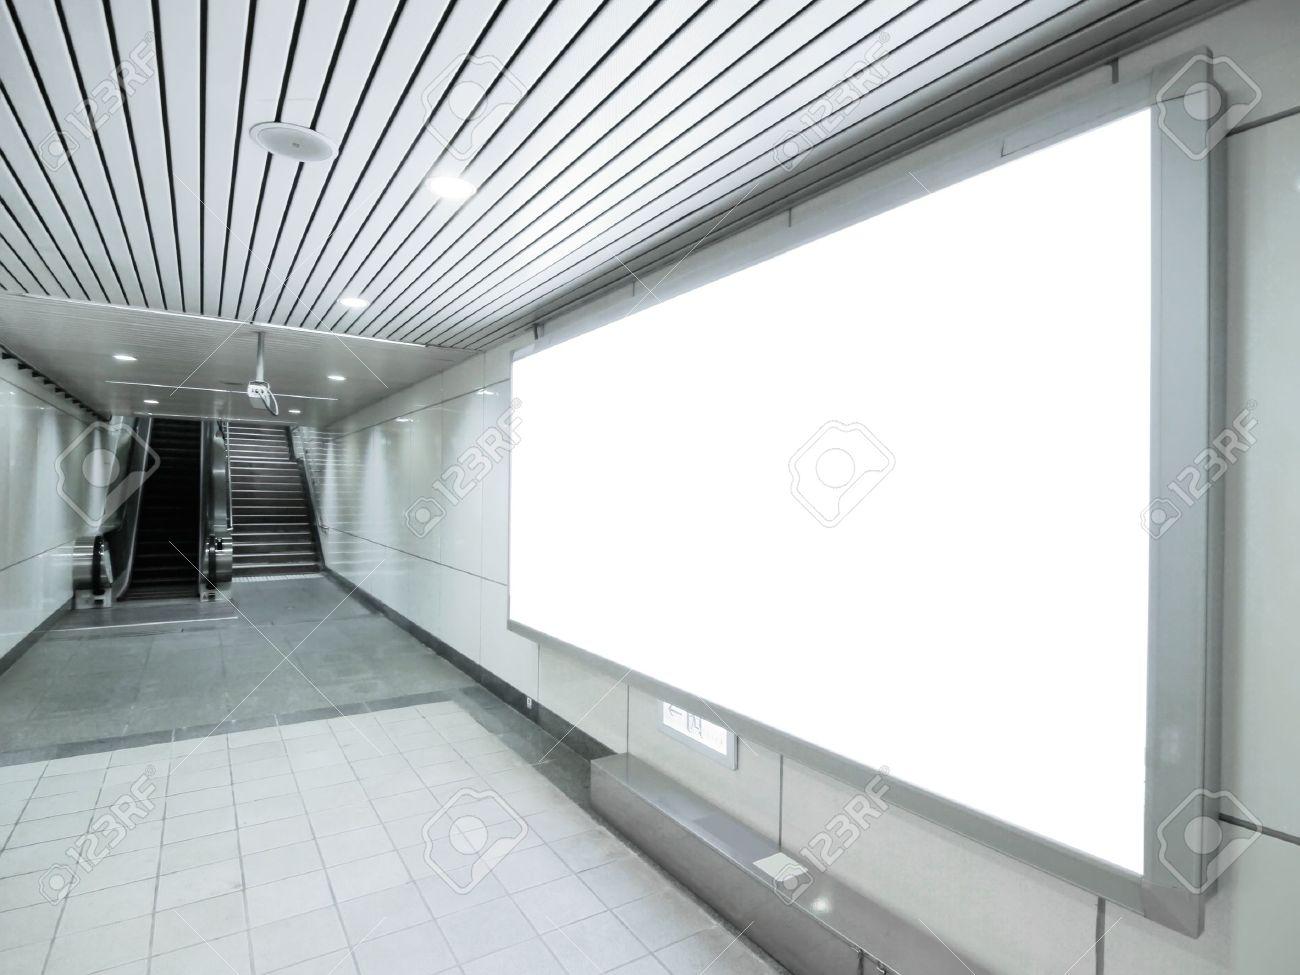 Blank billboard in underground passage Stock Photo - 10348208